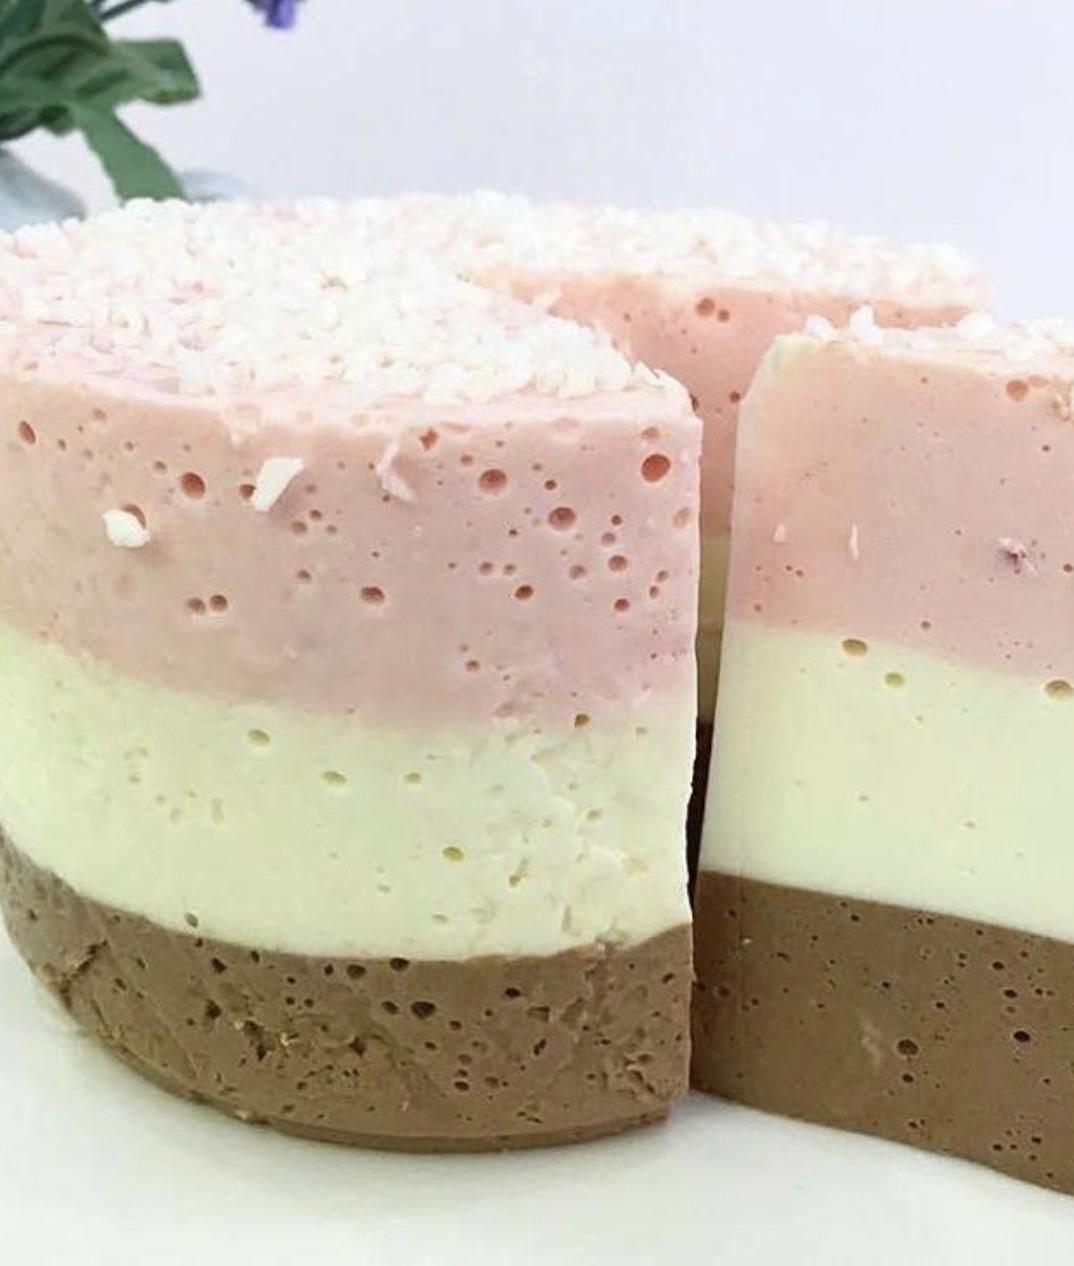 номер суфле десерт рецепт с фото модельных агентств пригласило